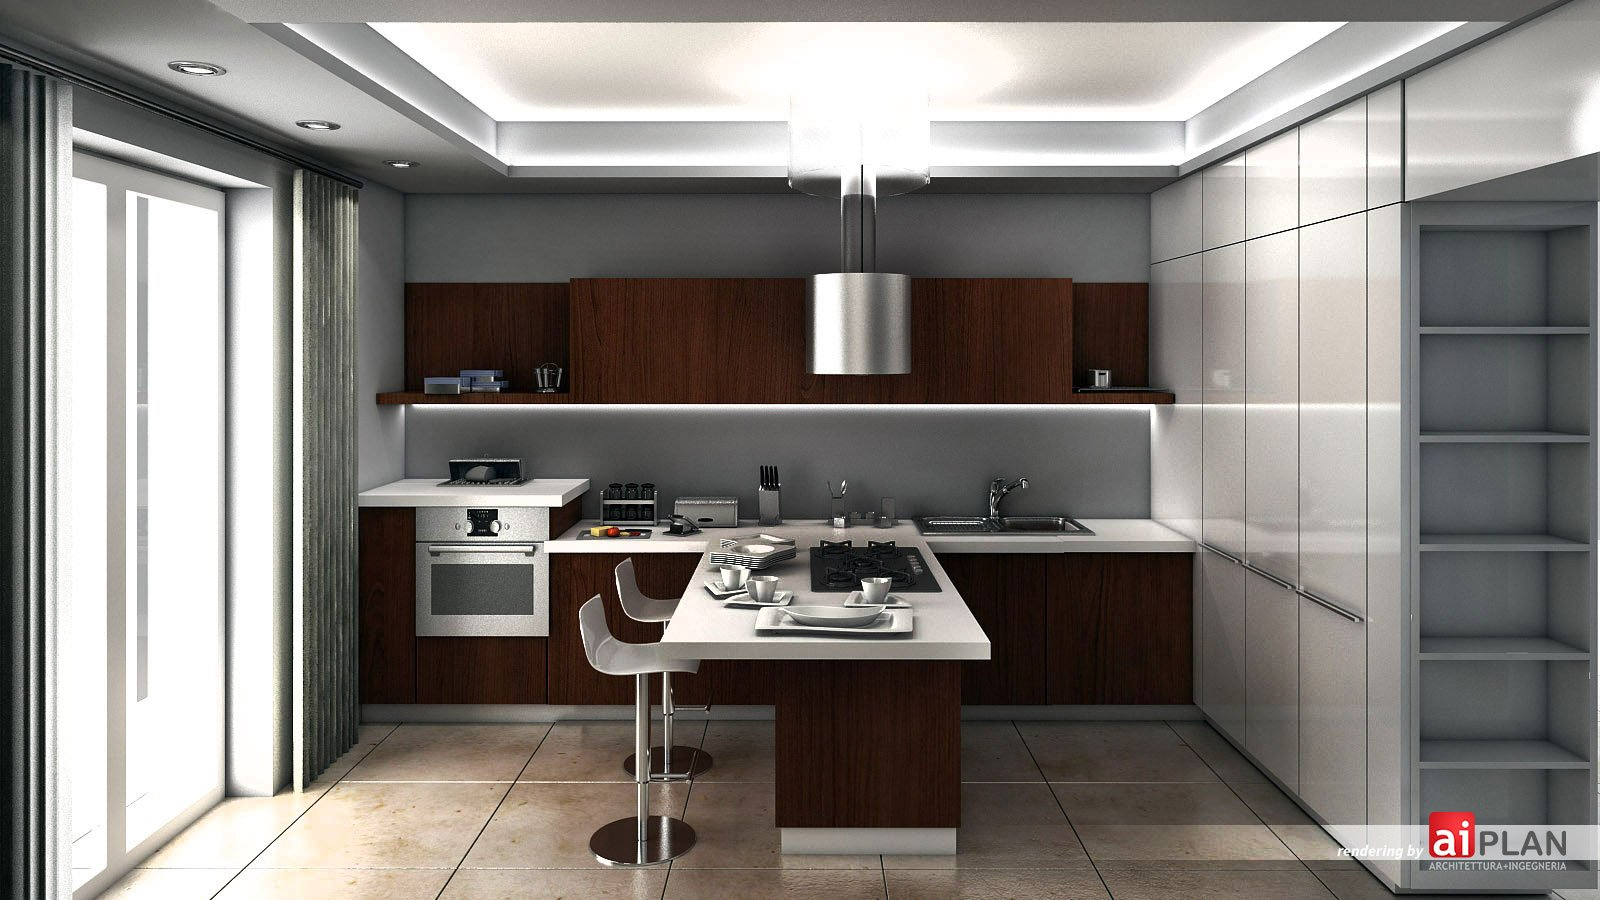 Progetti Cucine Con Isola - Idee Per La Casa - Syafir.com